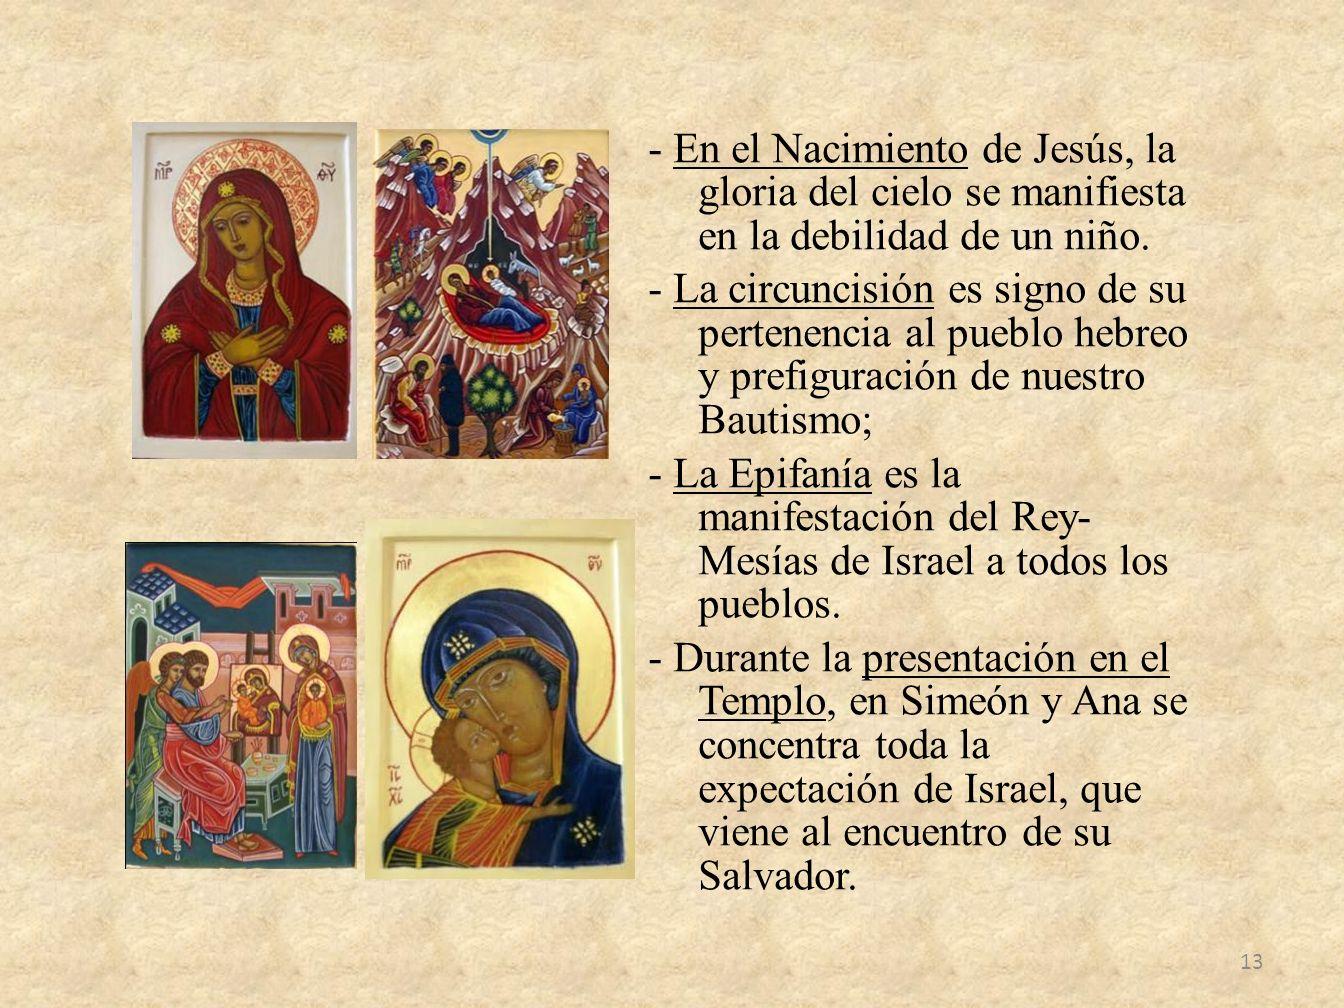 - En el Nacimiento de Jesús, la gloria del cielo se manifiesta en la debilidad de un niño.